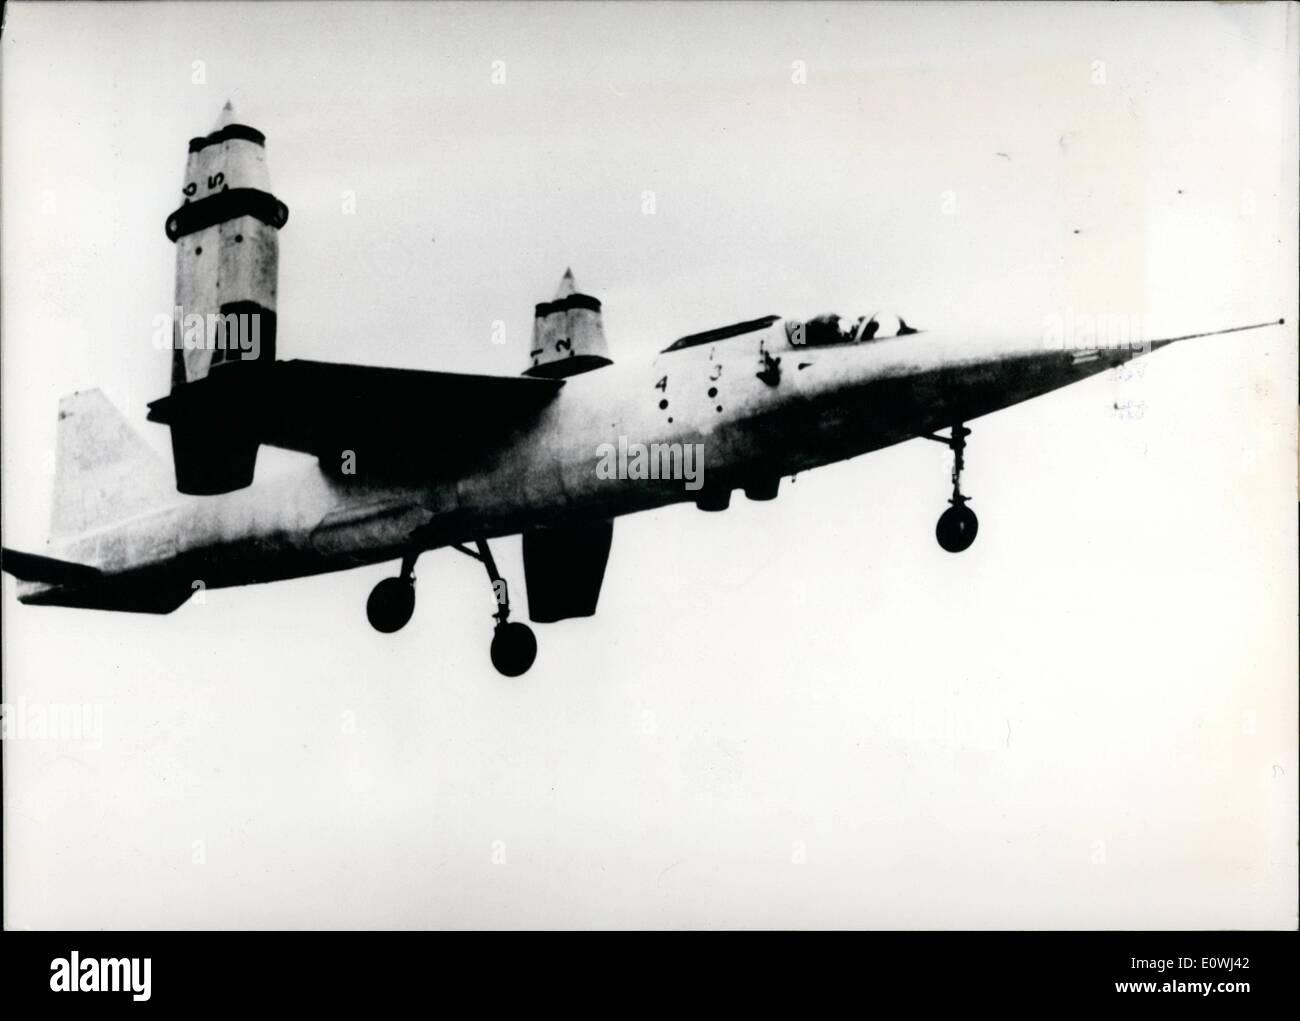 Mai 05, 1963 - début en Allemagne jet Vertical prêt: le premier jet start verticale de l'Allemagne de l'ouest est maintenant prêt. Cette Vertiscal jet start avec le nom VC 101 C-X 1 a été introduit le 15.5.1963 sur l'aéroport militaire de Manching près d'Ingolstadt en Allemagne à la presse. Le démarrage Vertical a jet 6 jet-moteurs et ont été construit par l'allemand ''Entwicklungsring Sud'' composé des trois entreprises avec nom Heinkel, Messerschimdt et Bolkow. Photo montre ce nouveau plan de départ vertical allemand peu après le début. Banque D'Images